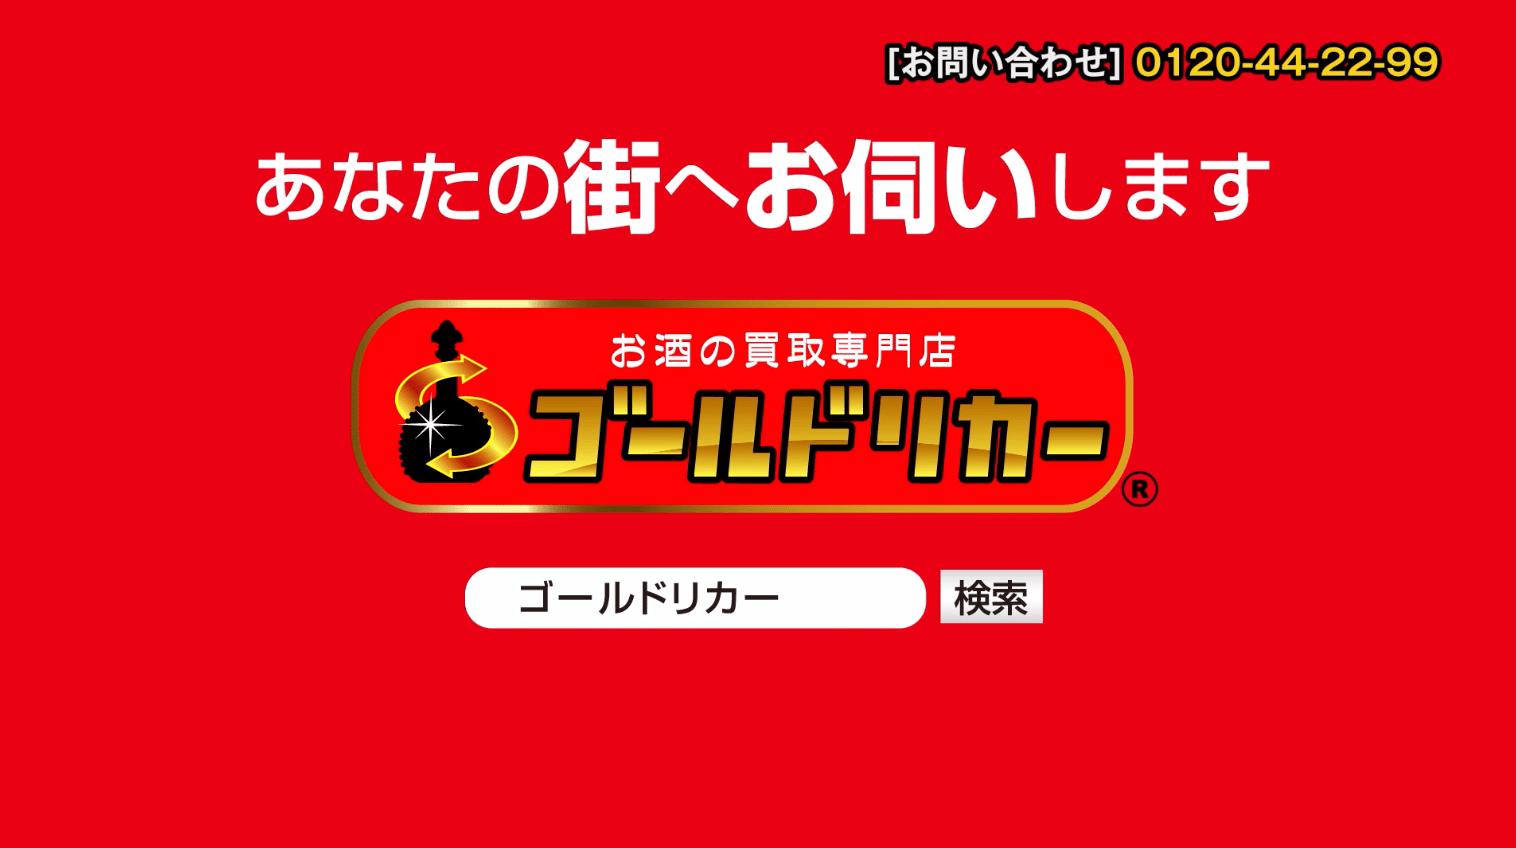 株式会社のぶちゃんマン・ゴールドリカーテレビCM